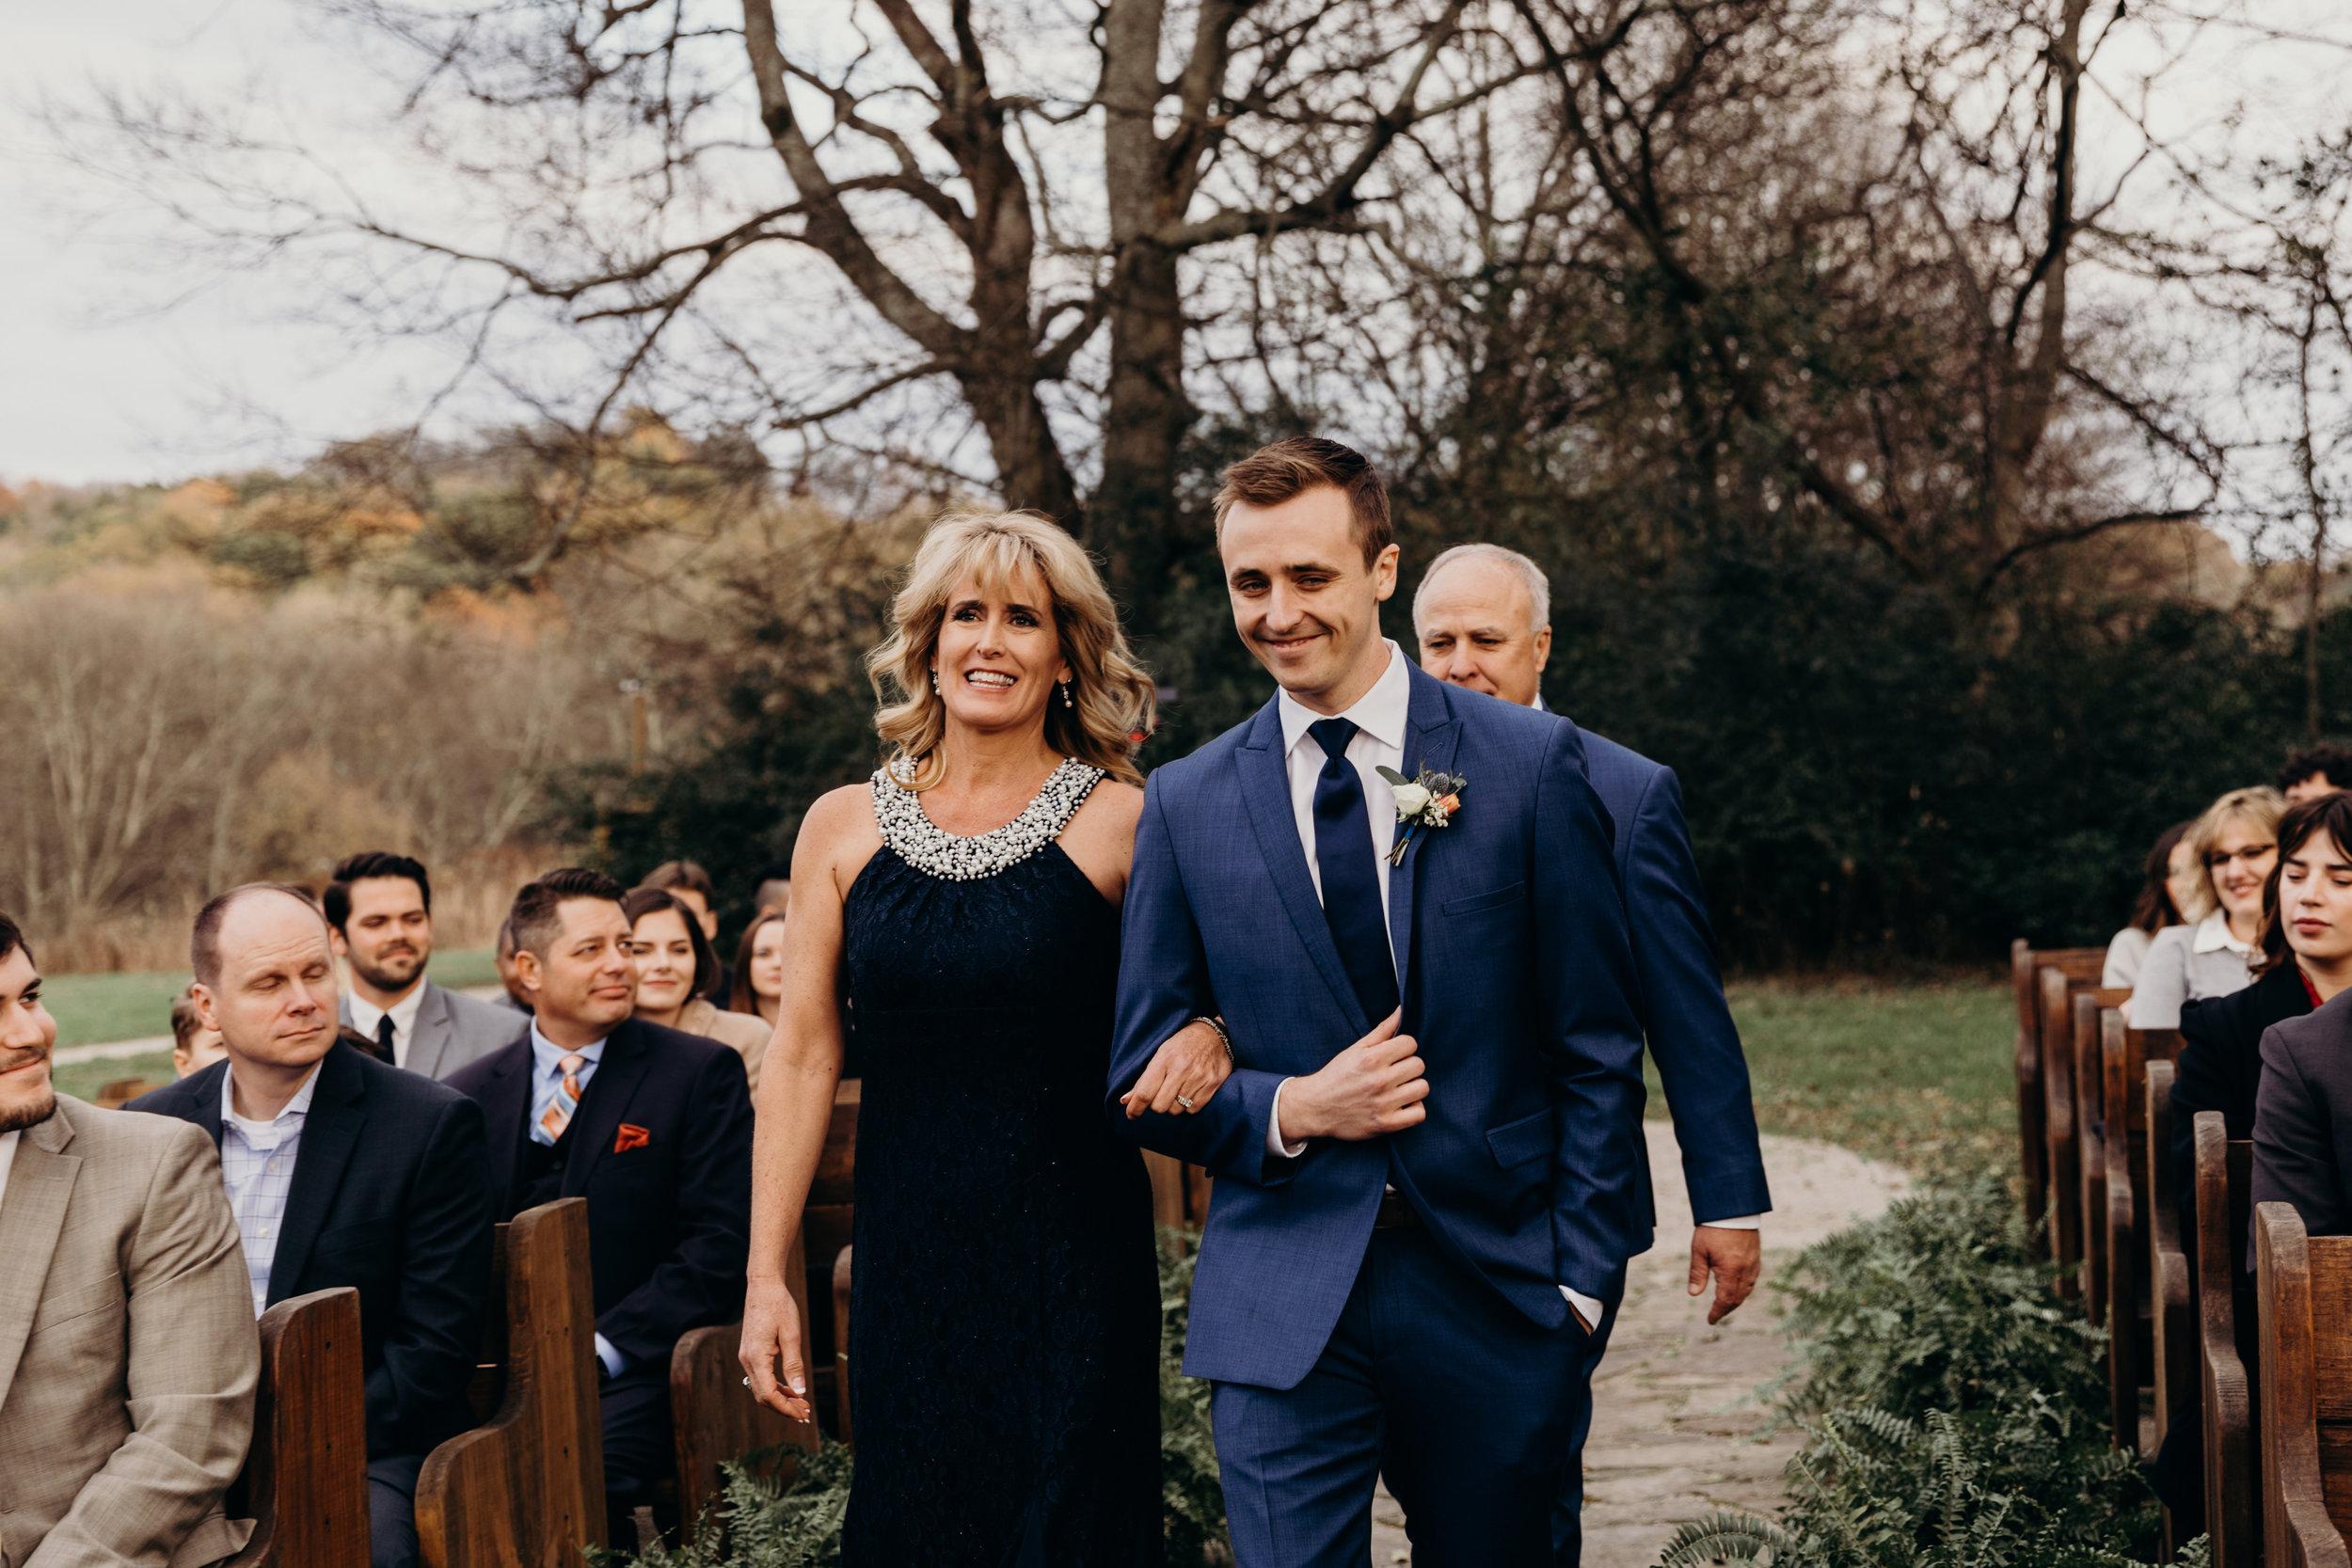 441-ltw-morgan-adam-wedding.jpg